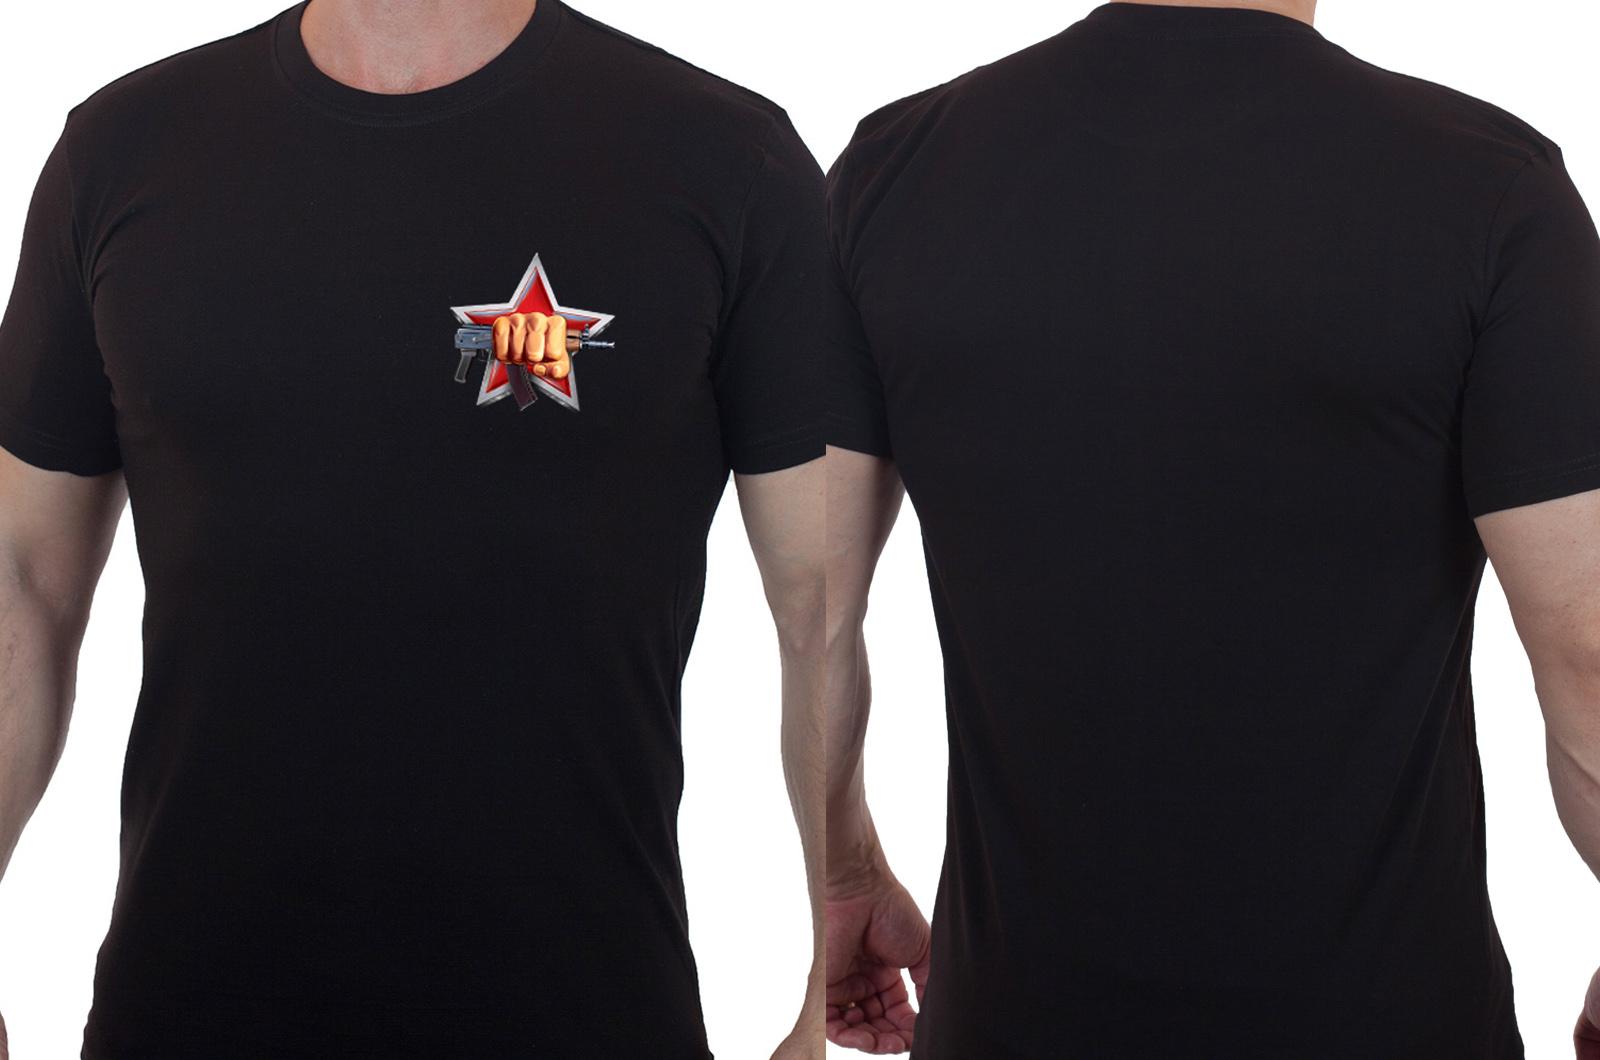 Хлопковая черная футболка Спецназ ВВ РФ - заказать выгодно